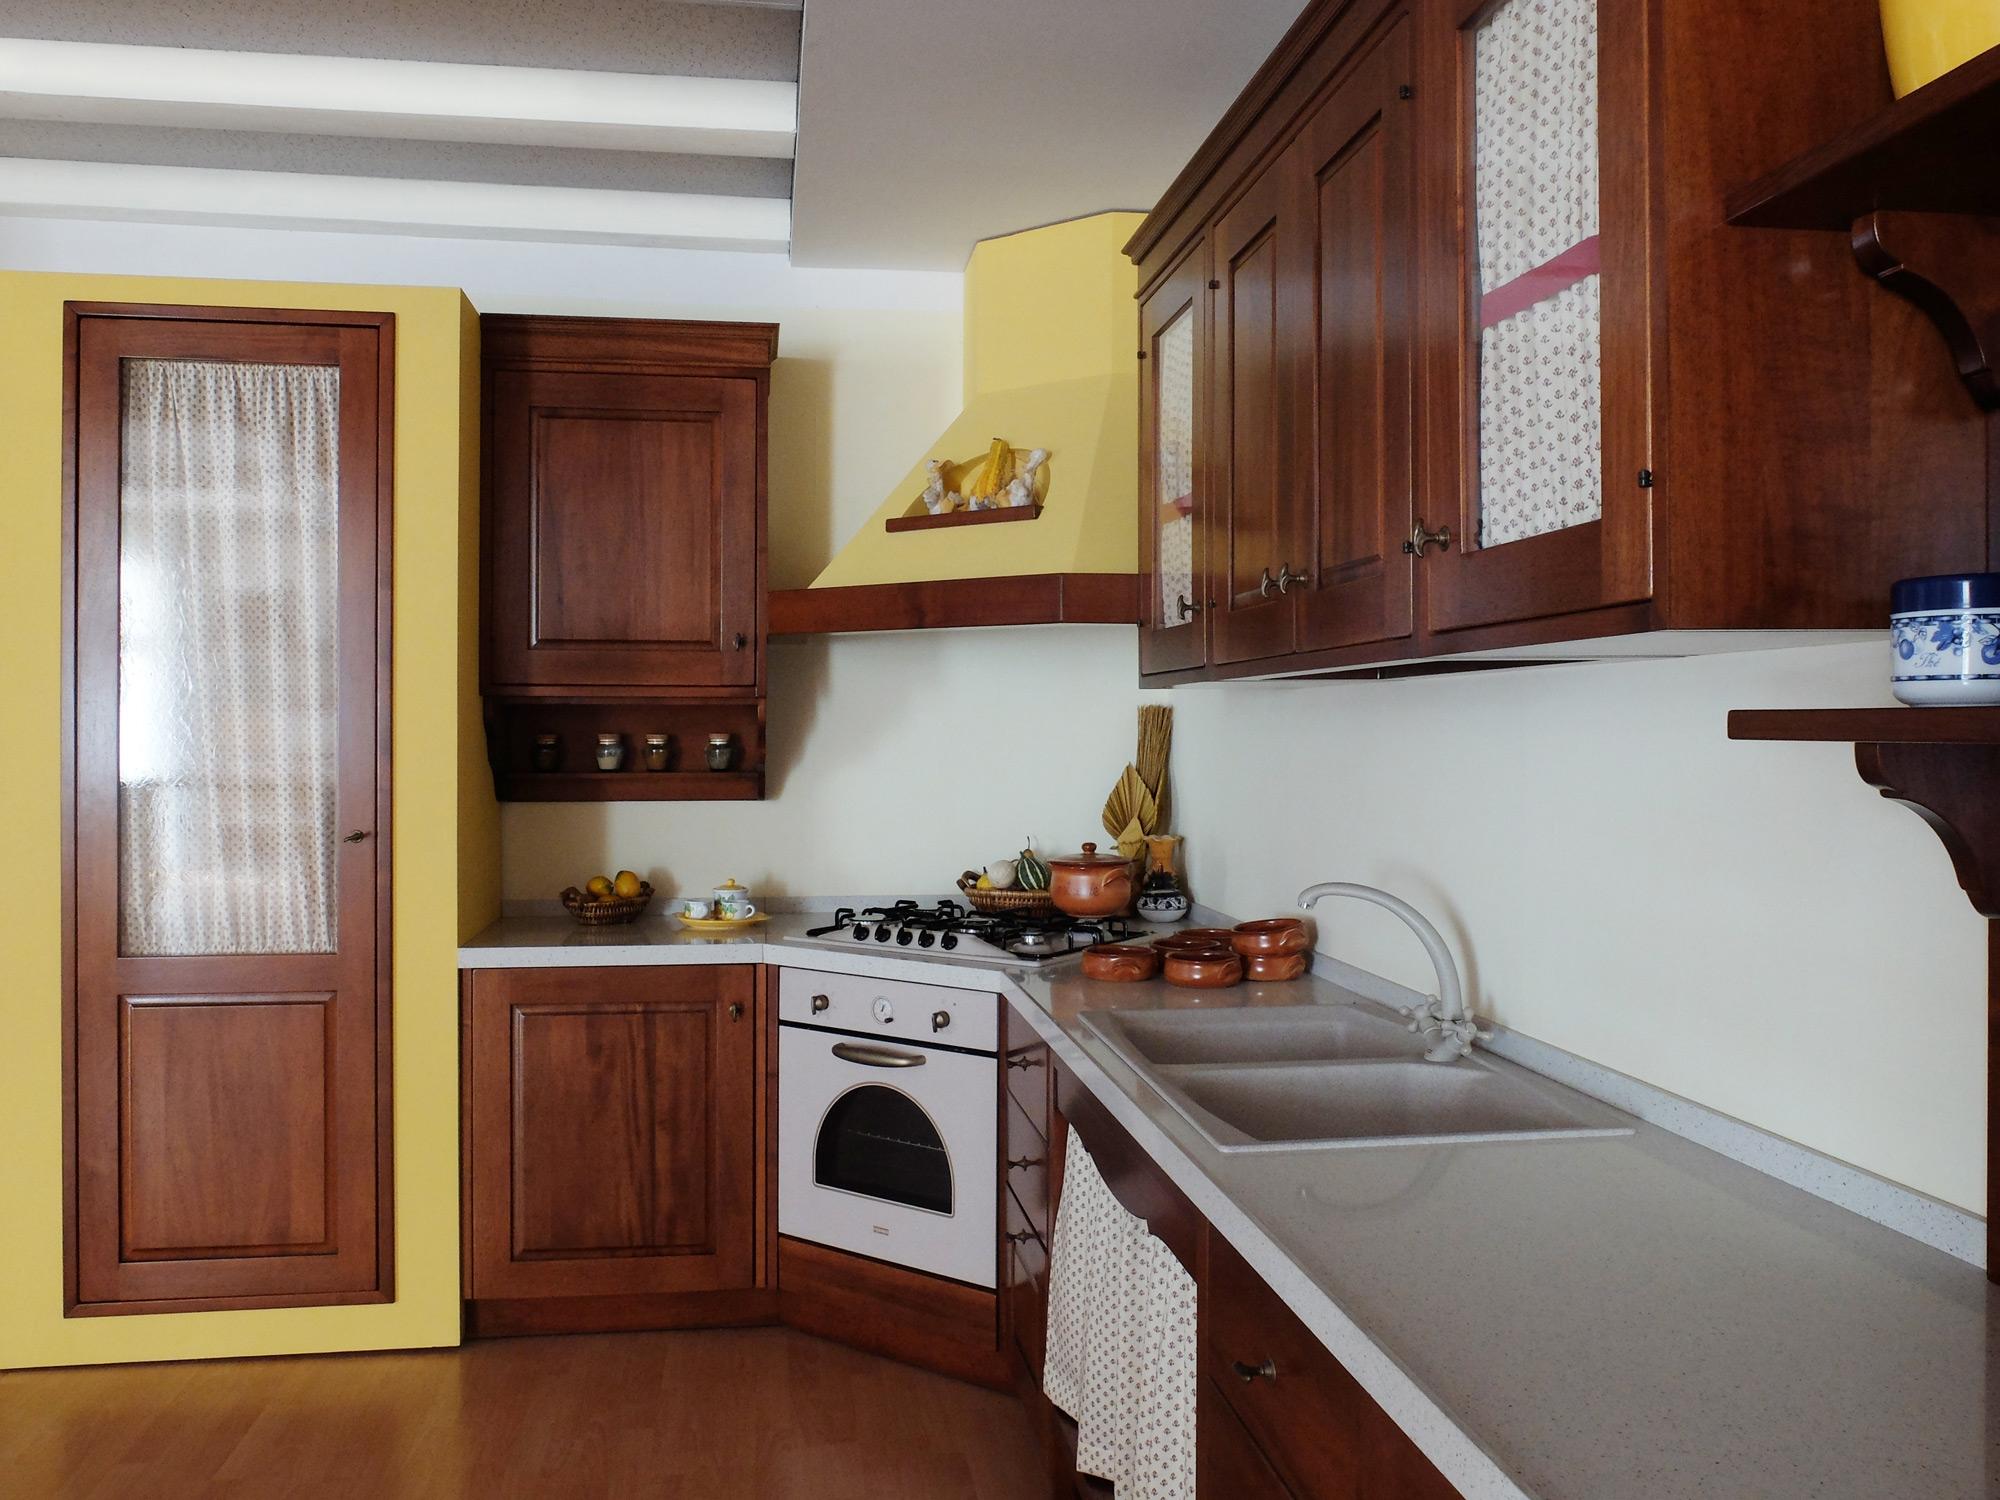 MASSICCIO CON STRUTTURA IN FINTA MURATURA Cucine A Prezzi Scontati #3C1E14 2000 1500 Cucine Classiche Con Dispensa